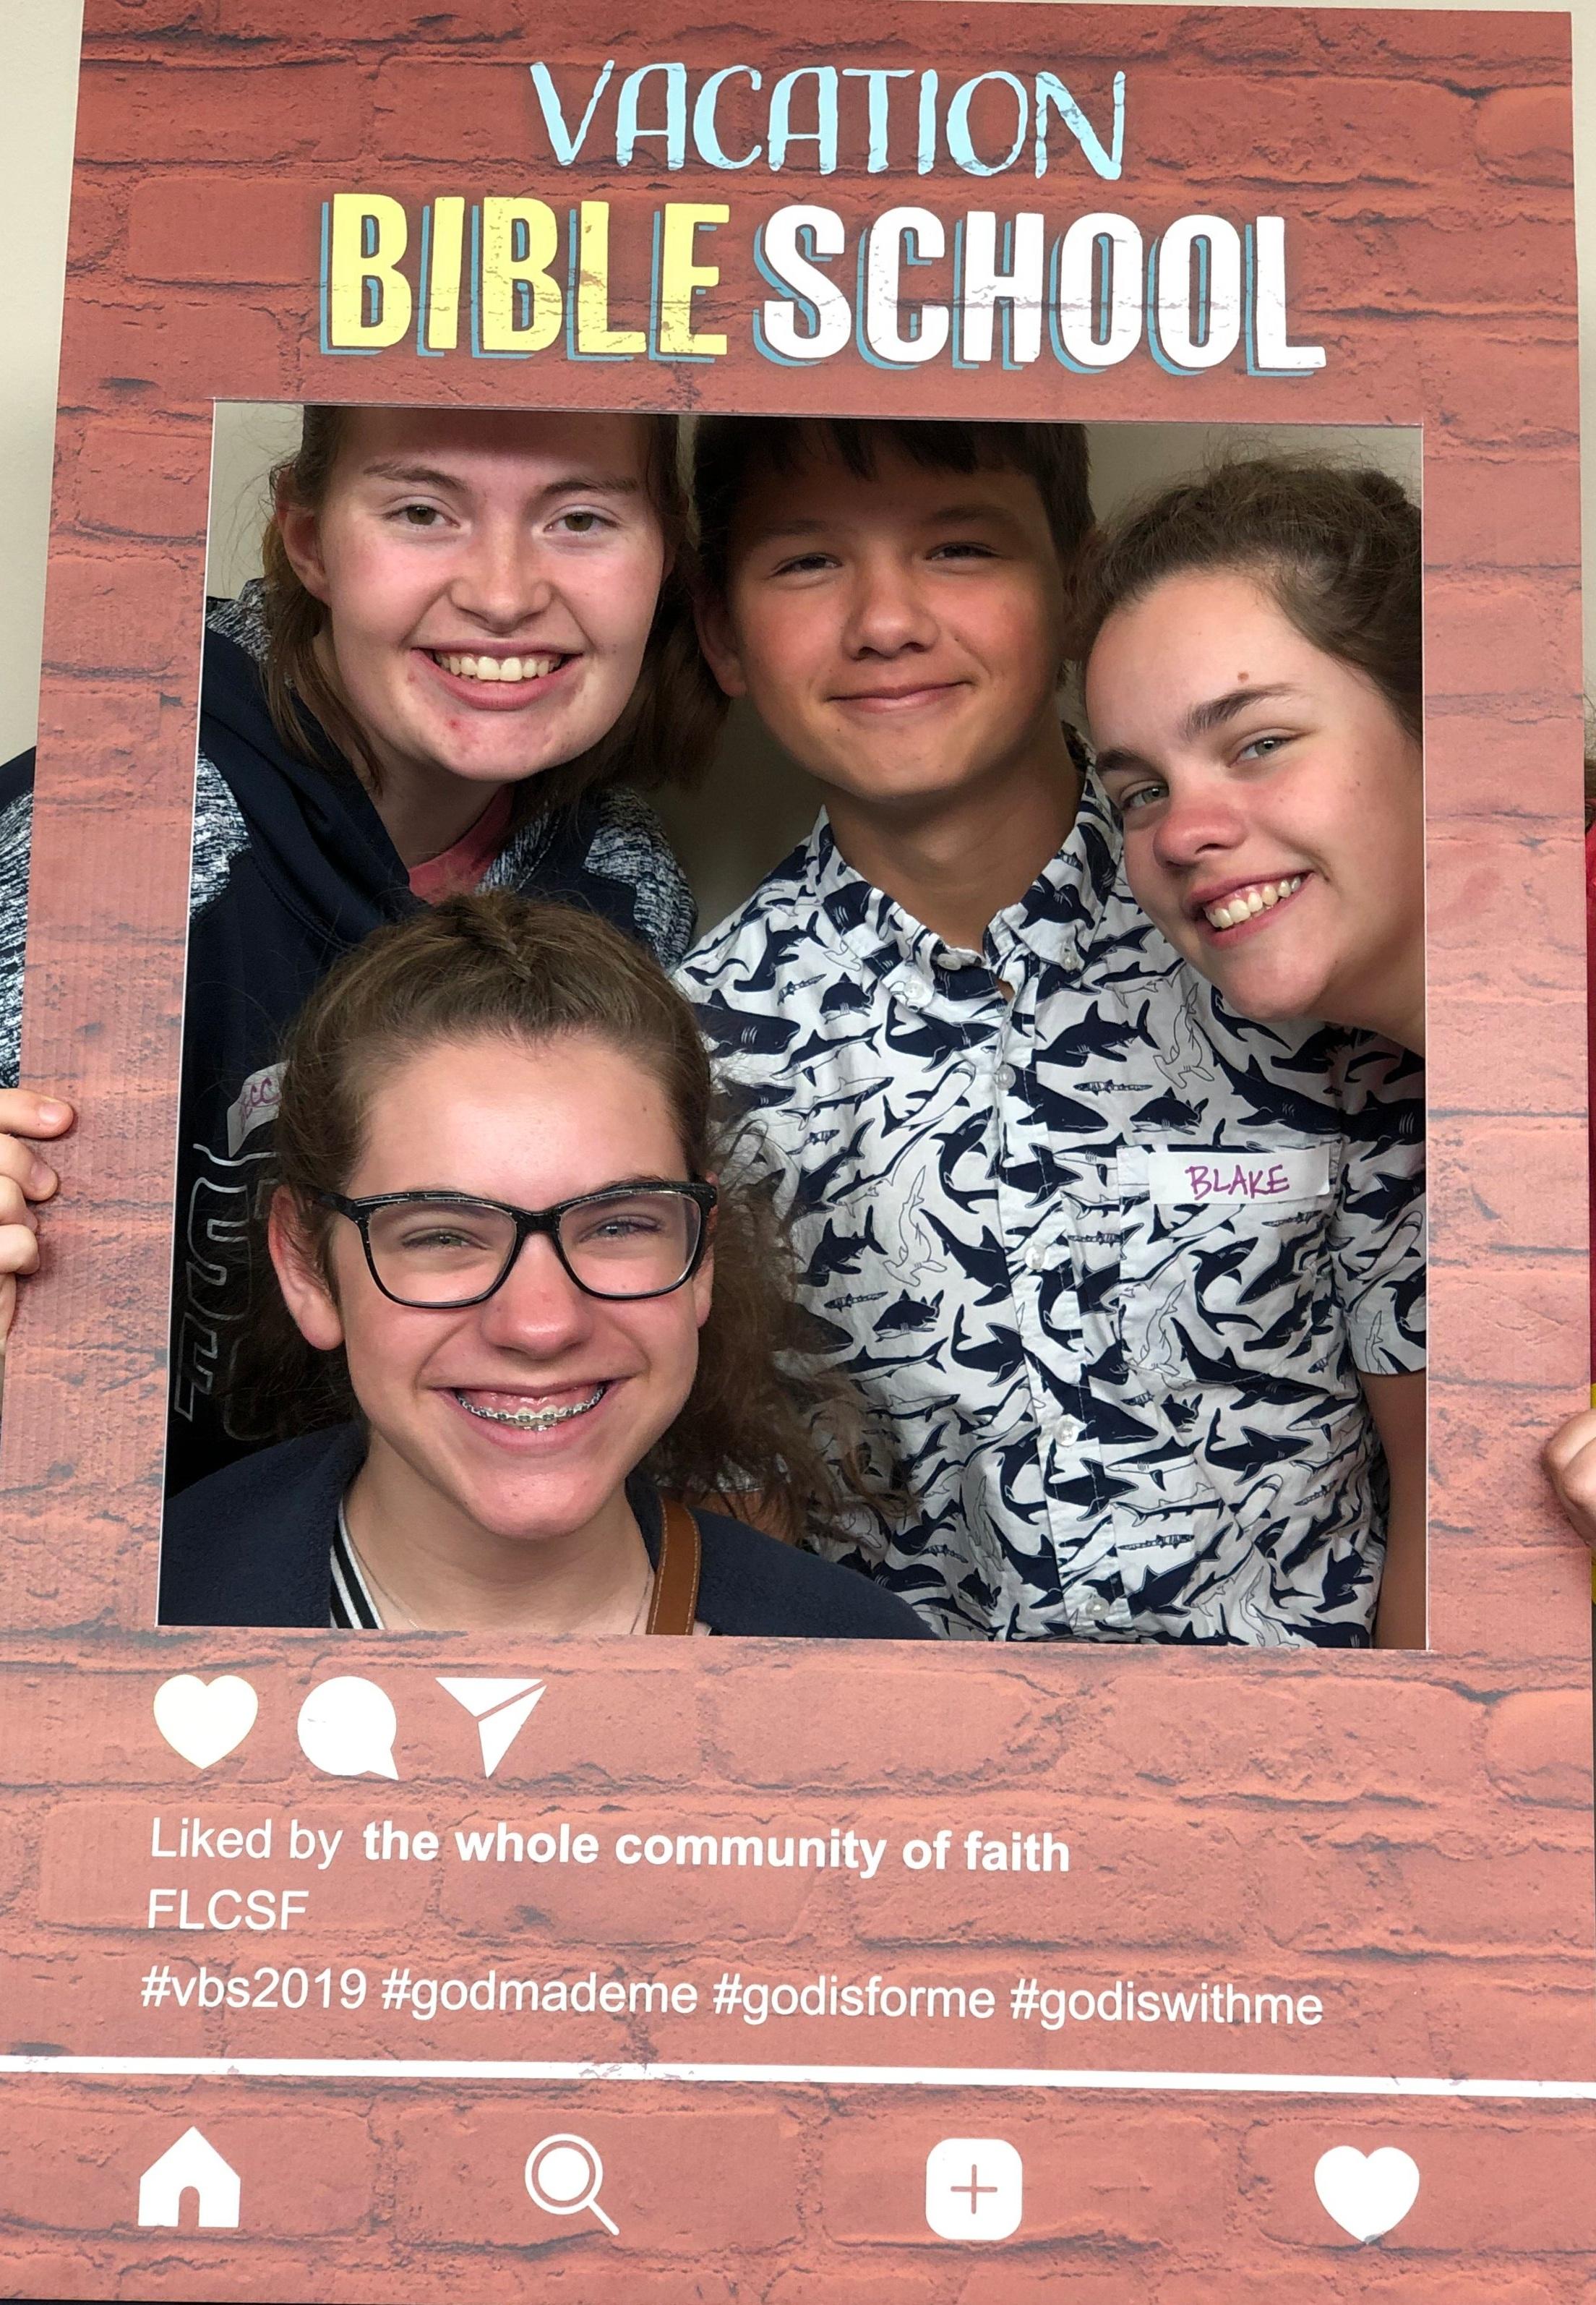 High school students volunteer with Summer Vacation Bible School